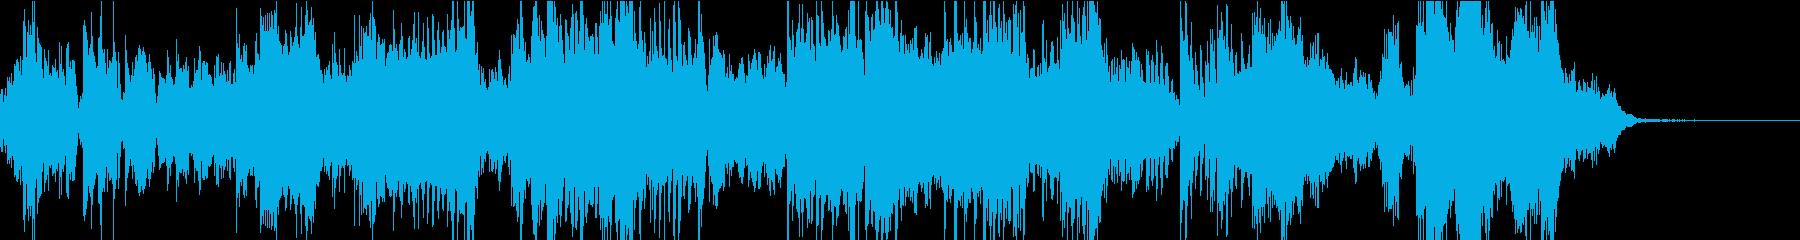 フルートとシンセの幻想的なアンサンブルの再生済みの波形